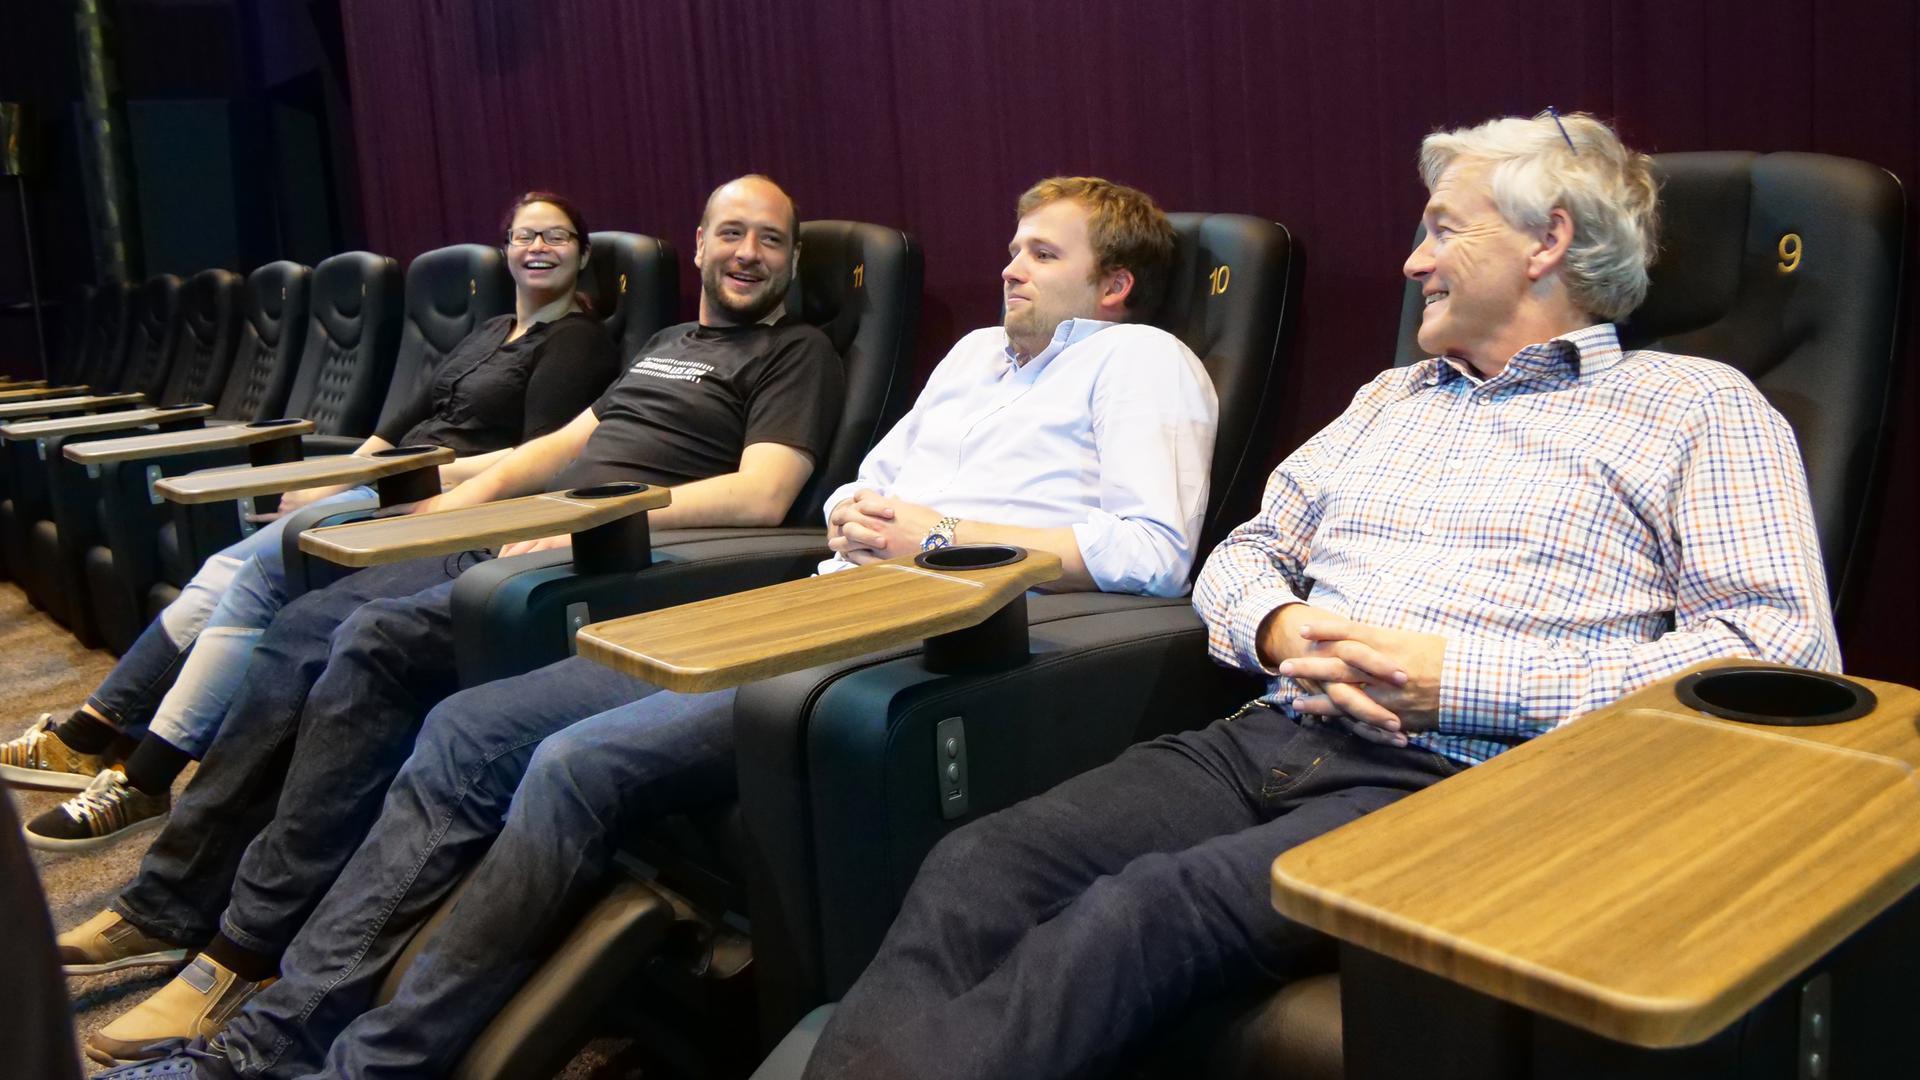 Gute Laune auf bequemen Sitzen: Für Sarah Münzer, Sebastian Hilscher, Nicolas Geiger und Michael Geiger (von links) ist der Neustart nach Wiedereröffnung von Kommunalem Kino ubd Rex am vergangenen Donnerstag gelungen.